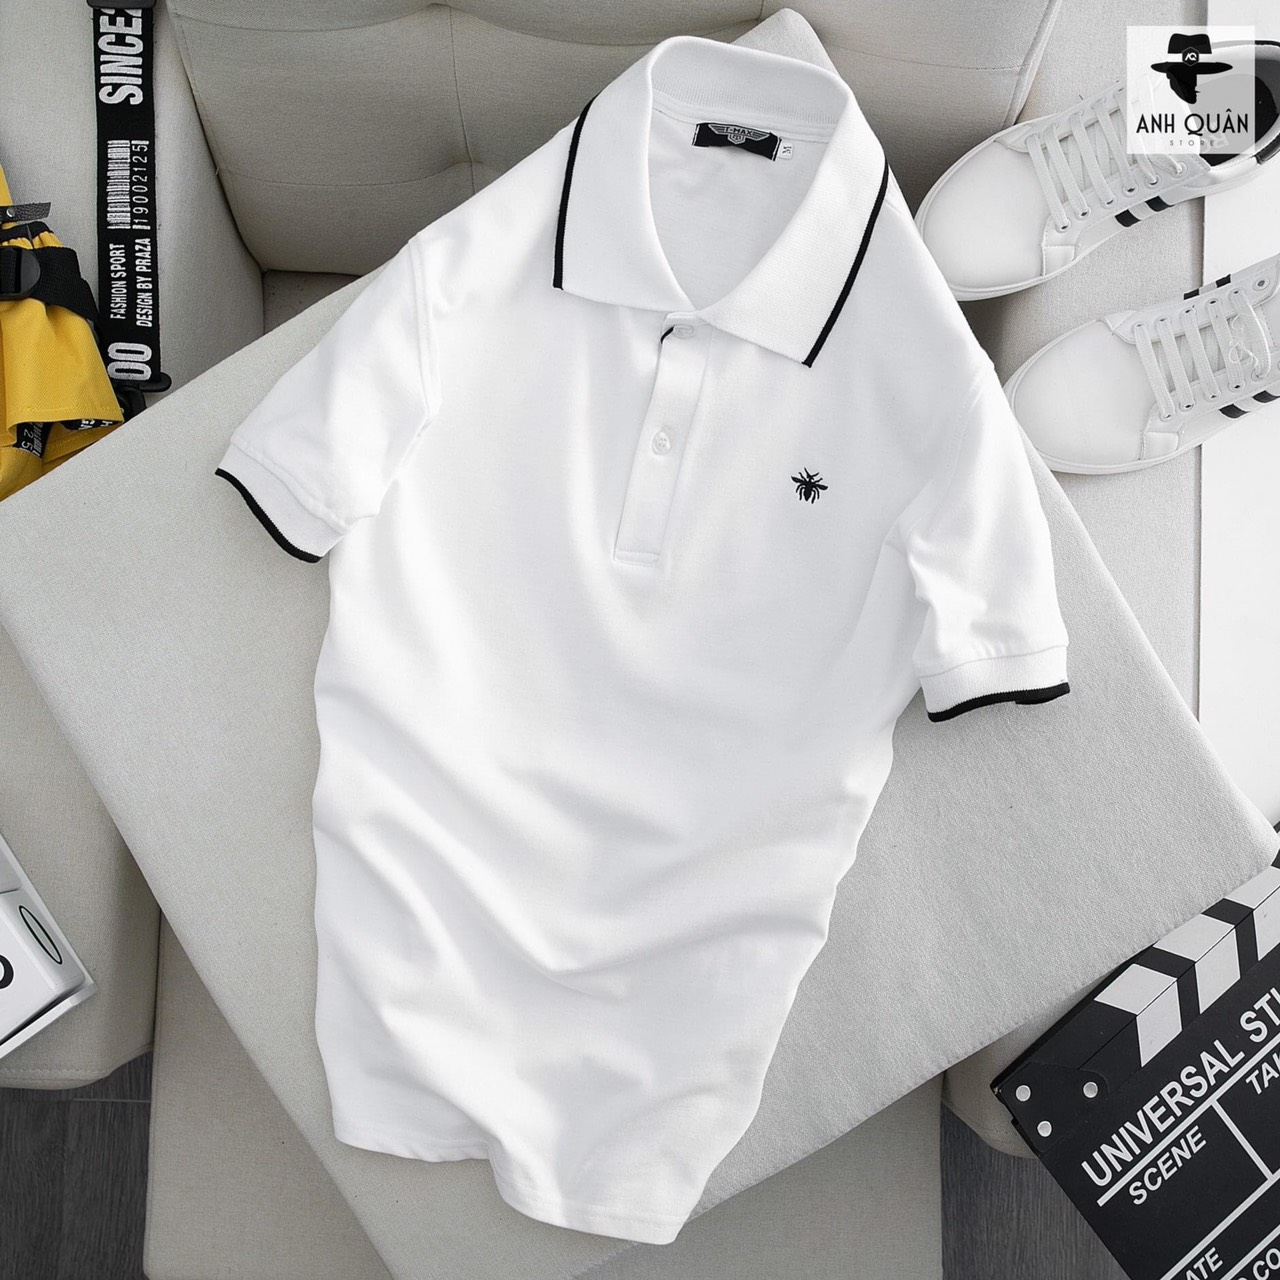 Áo Polo nam có cổ ngắn tay Hamino màu trắng đen vải thun cotton co giãn form basic cao cấp đẹp VNXK